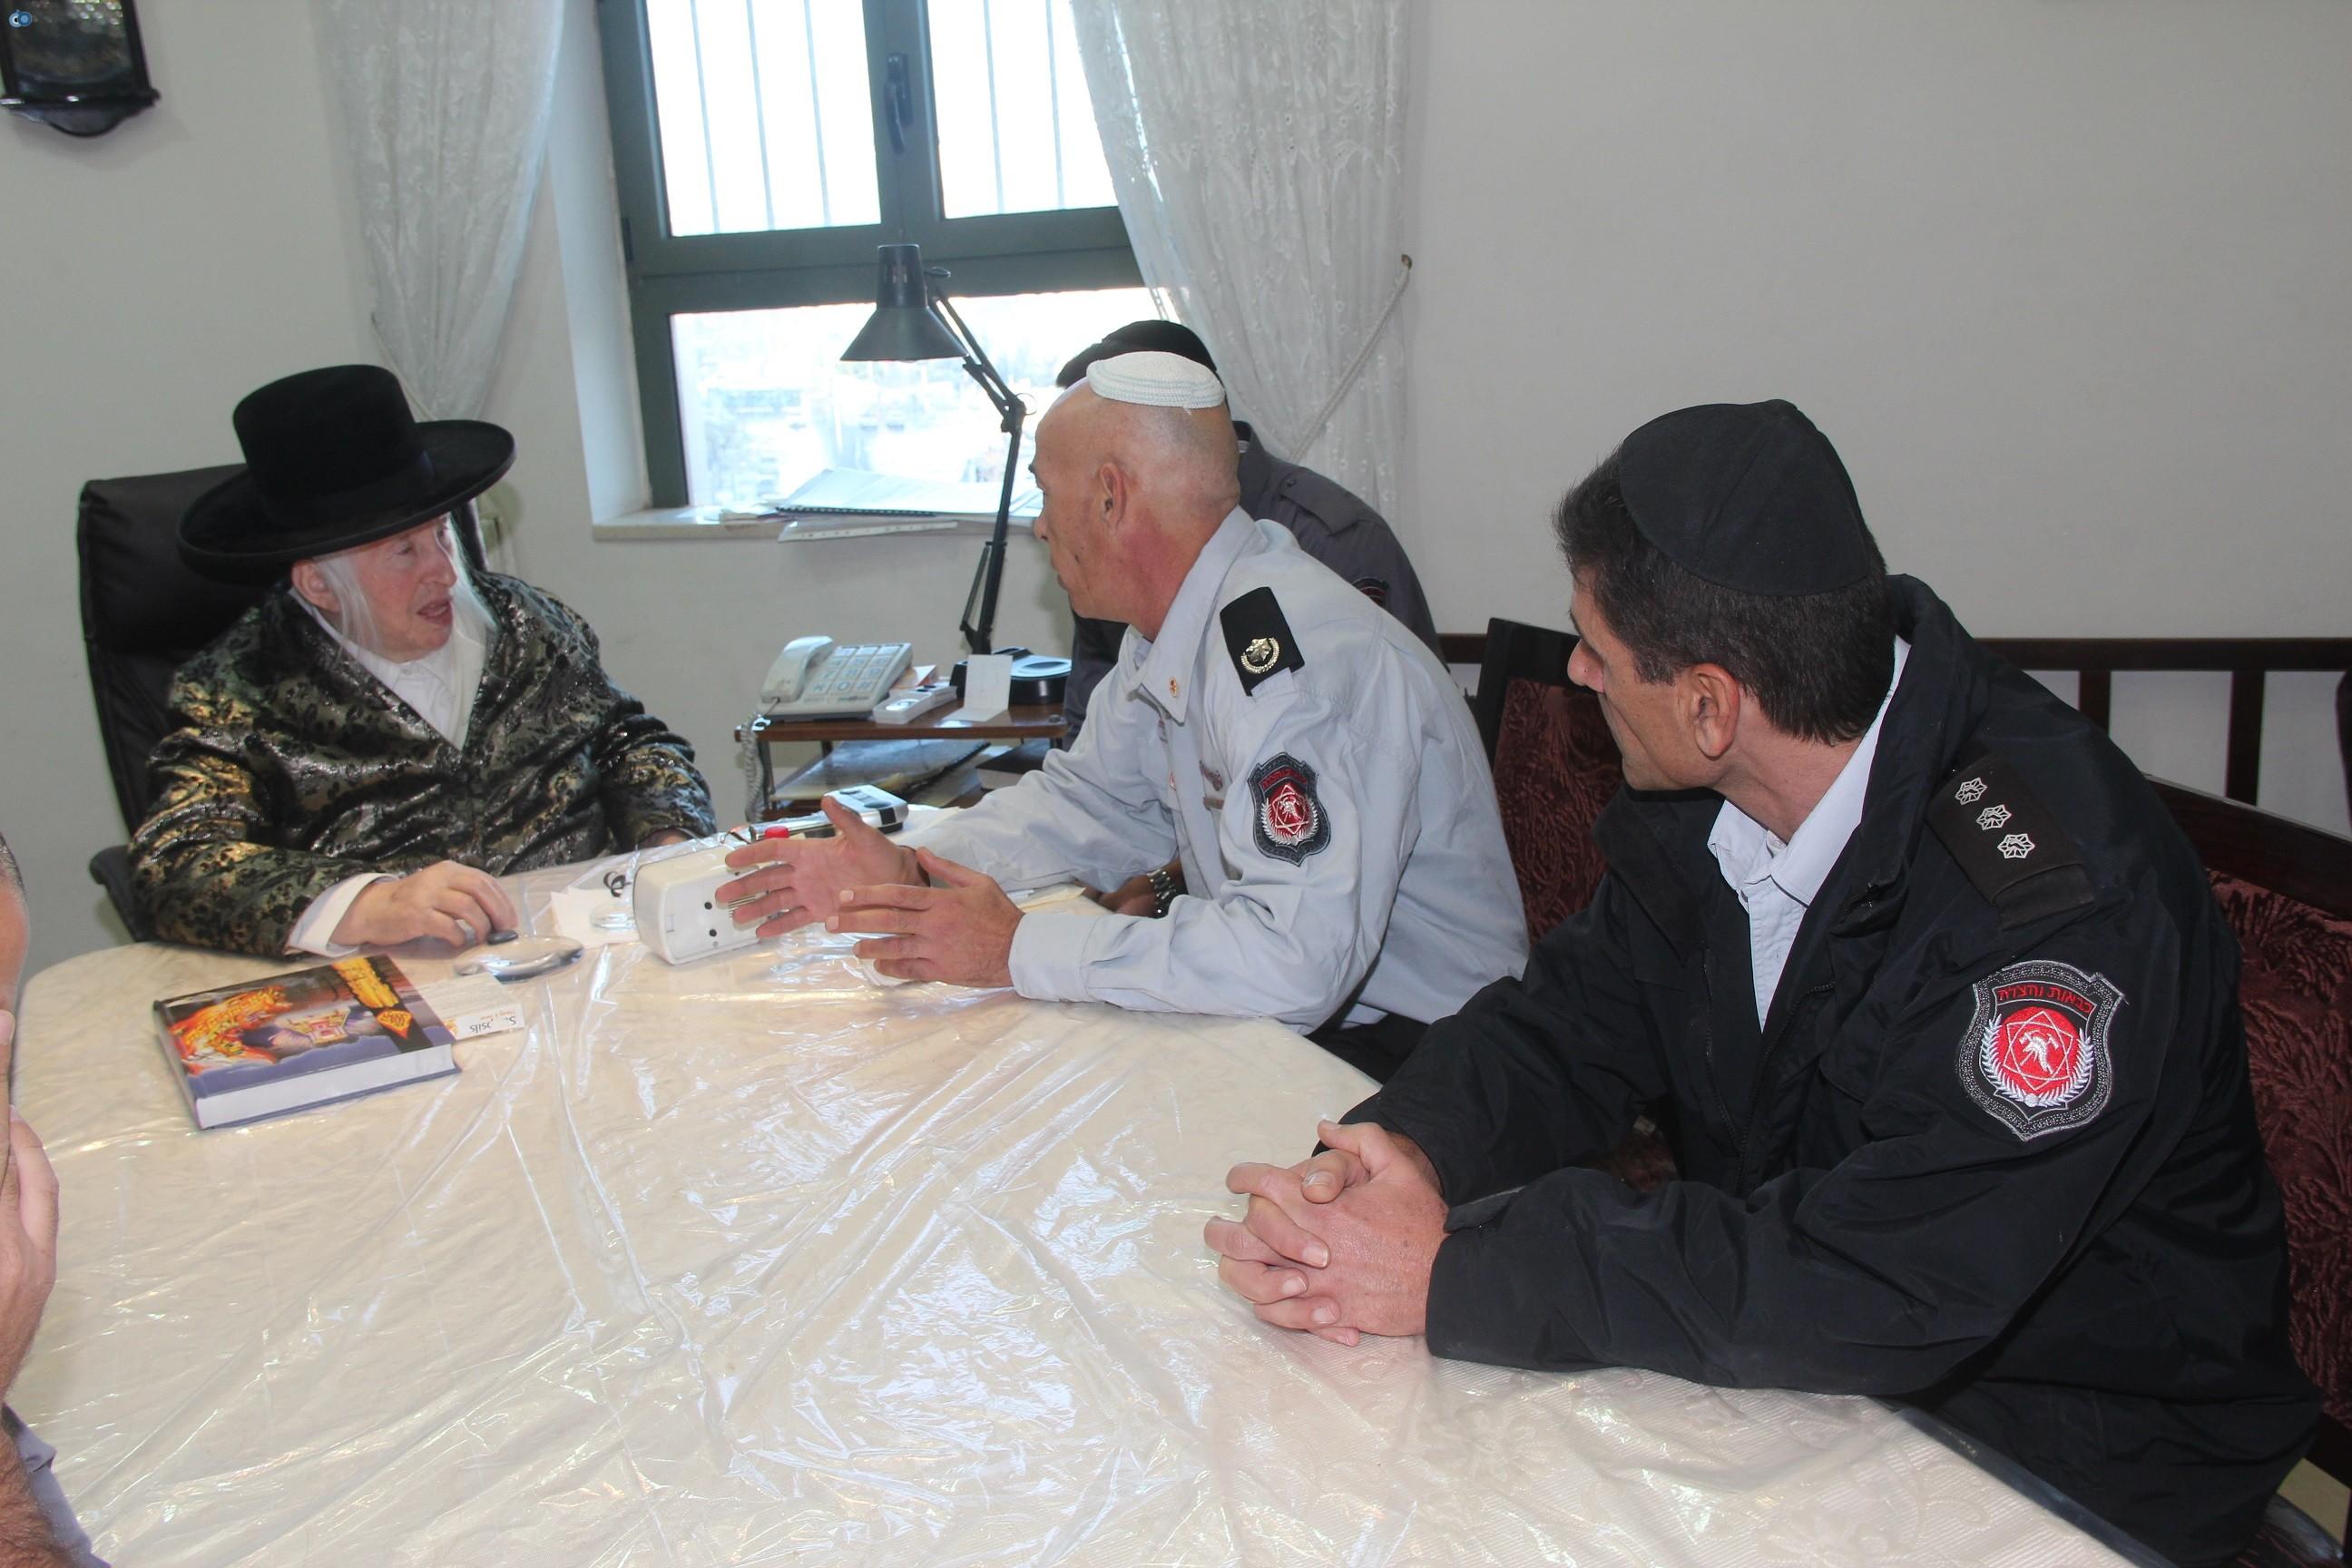 אלי בסון, שוכי בנדיקט ראשי מכבי  האש בירושלים (9)